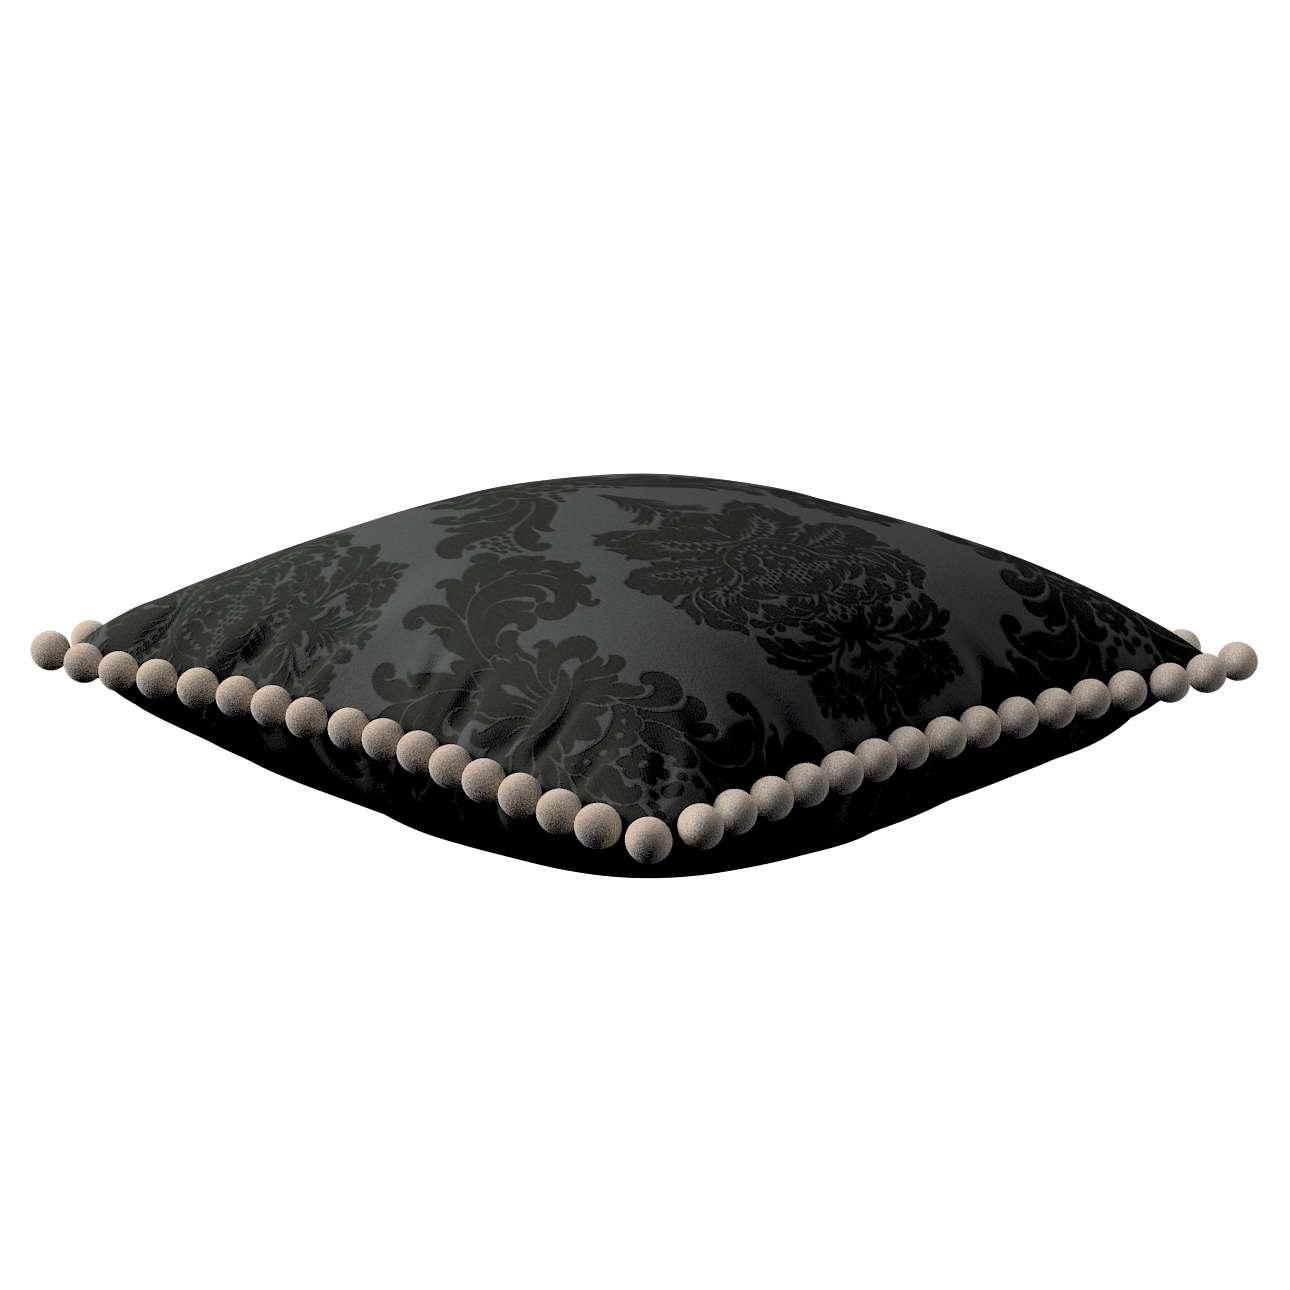 Kissenhülle Wera mit Bommeln 45 x 45 cm von der Kollektion Damasco, Stoff: 613-32